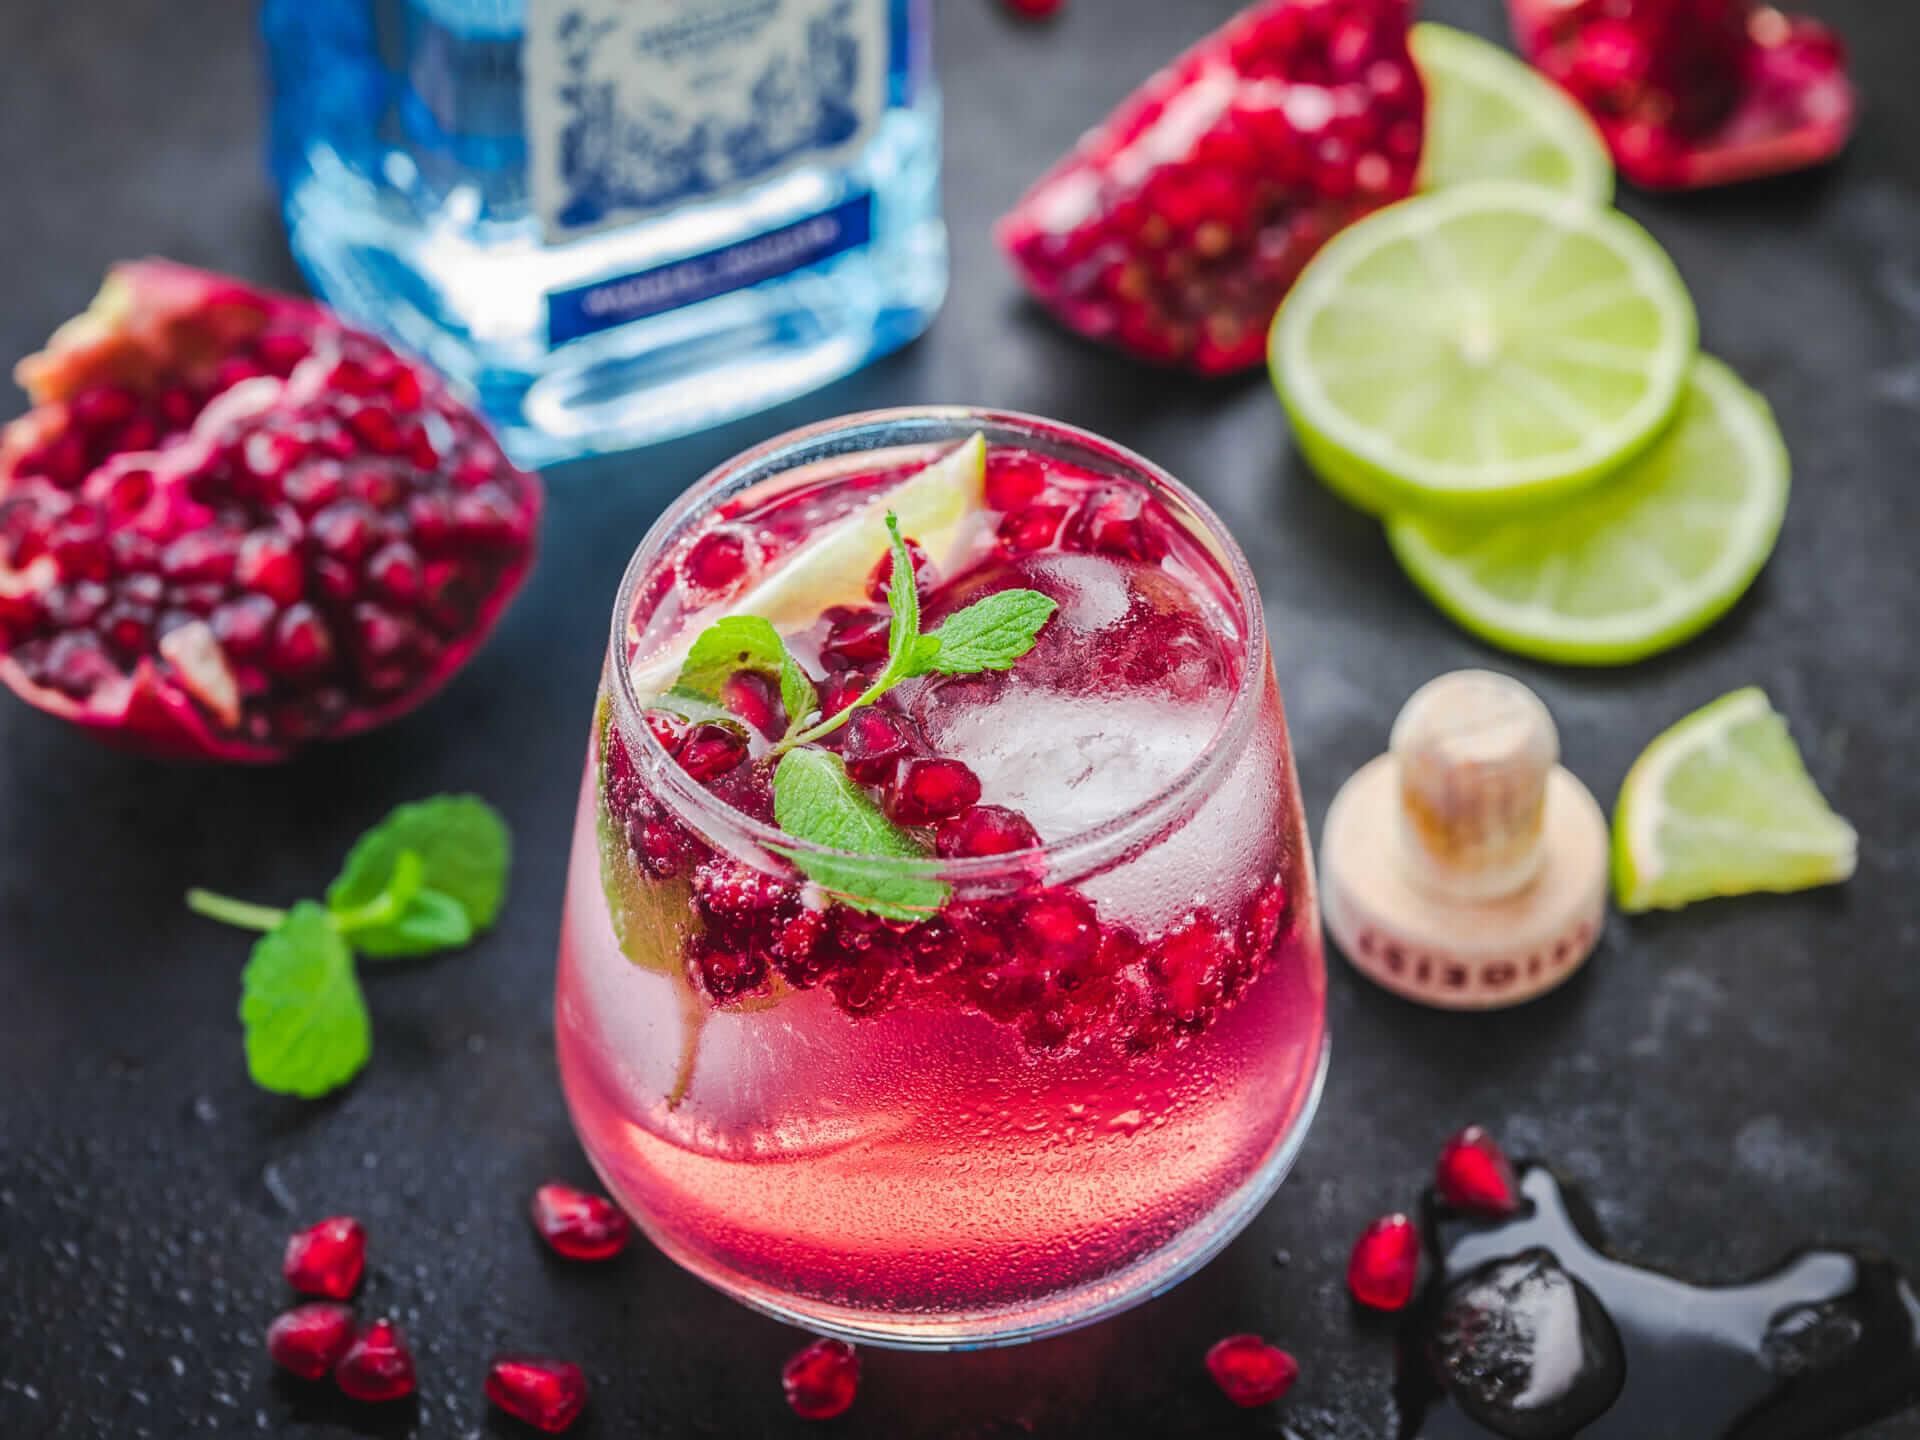 Cocktail bestehend aus Granatapfelsaft, Limette, Minze und Von Hallers Gin